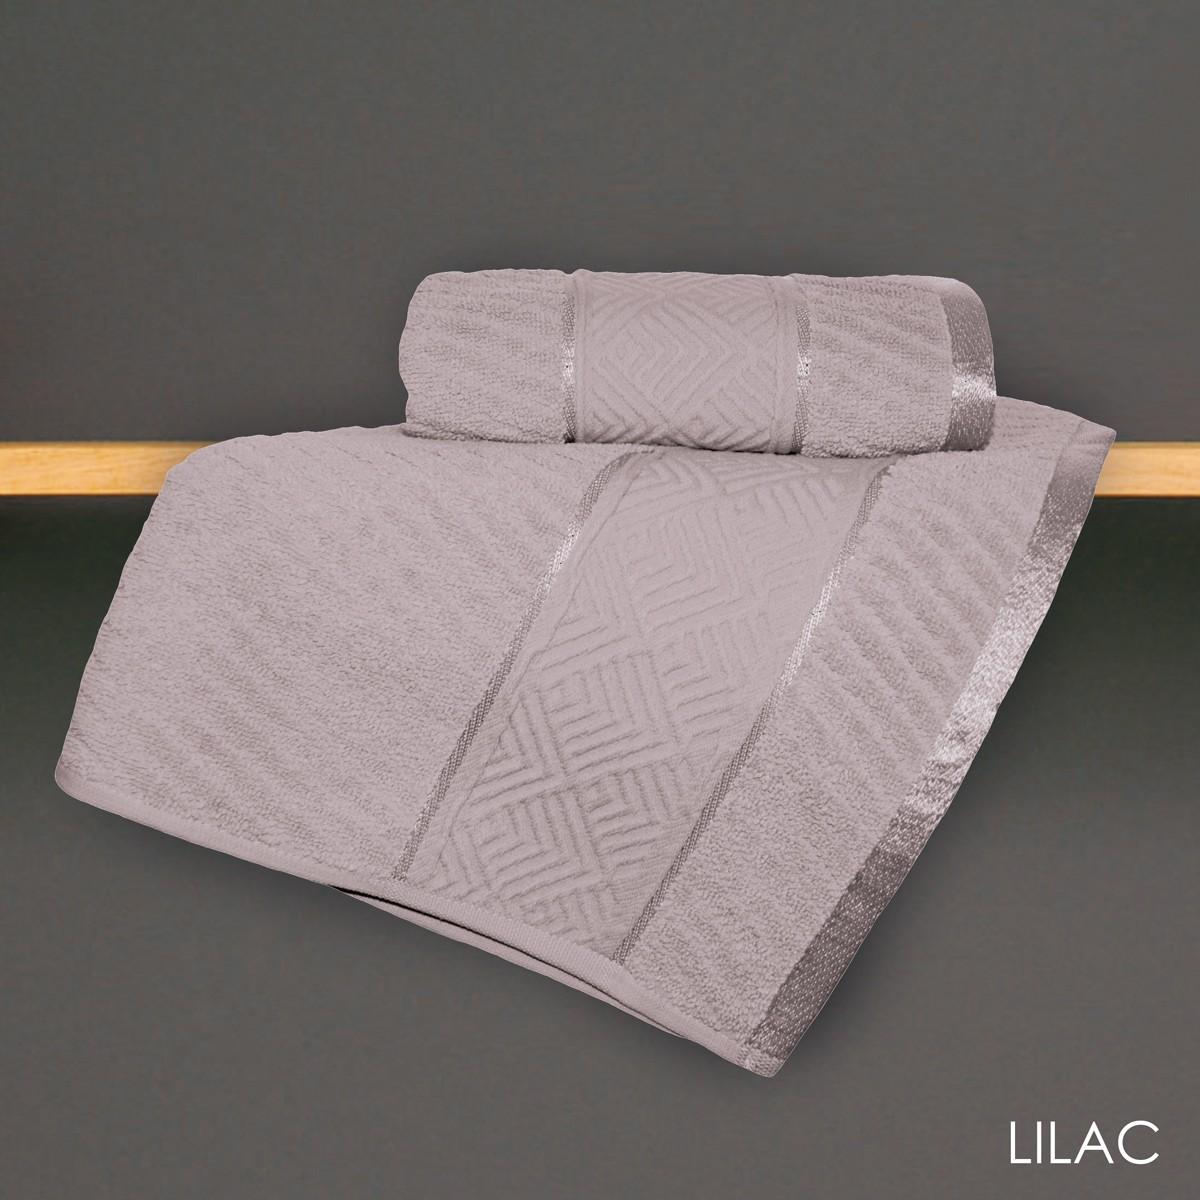 Πετσέτα Προσώπου (50x90) V19.69 Mimoza Lilac